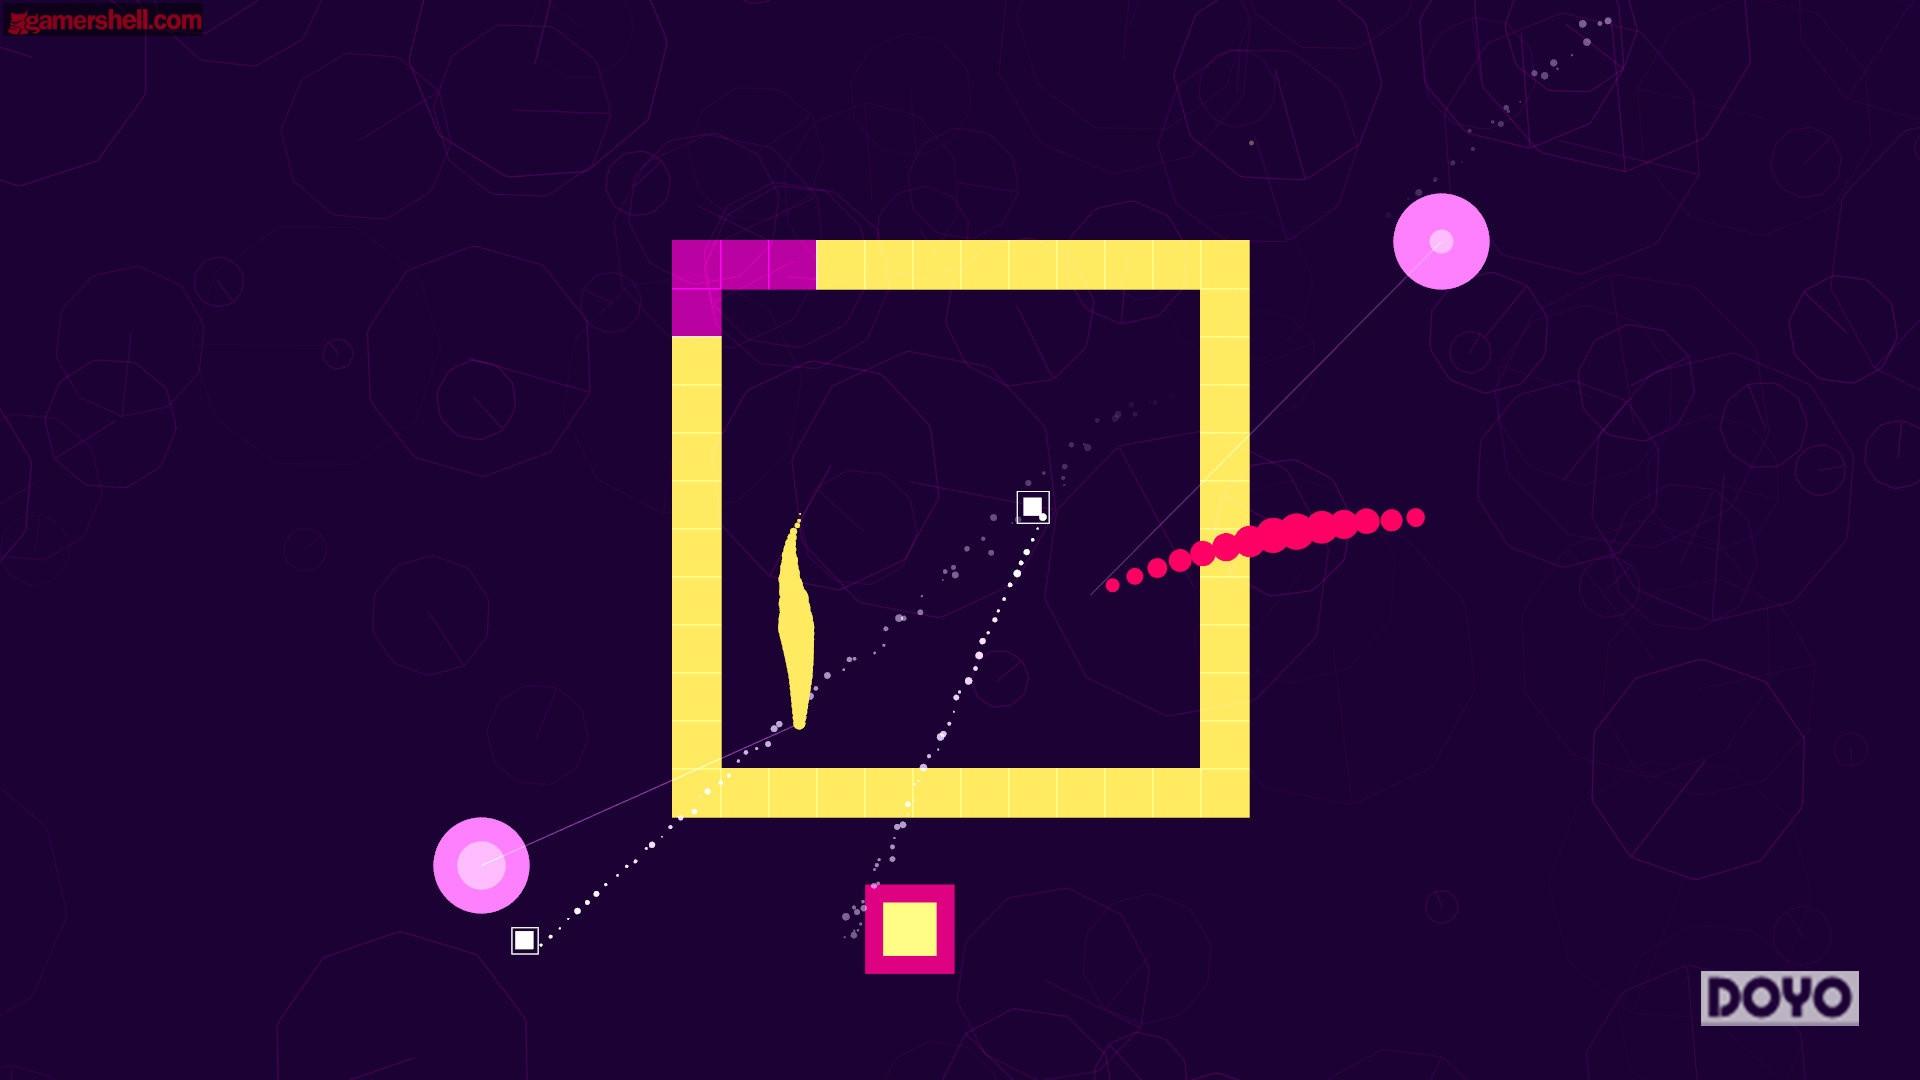 双摇杆射击游戏《软躯》新截图 静谧的音乐游戏